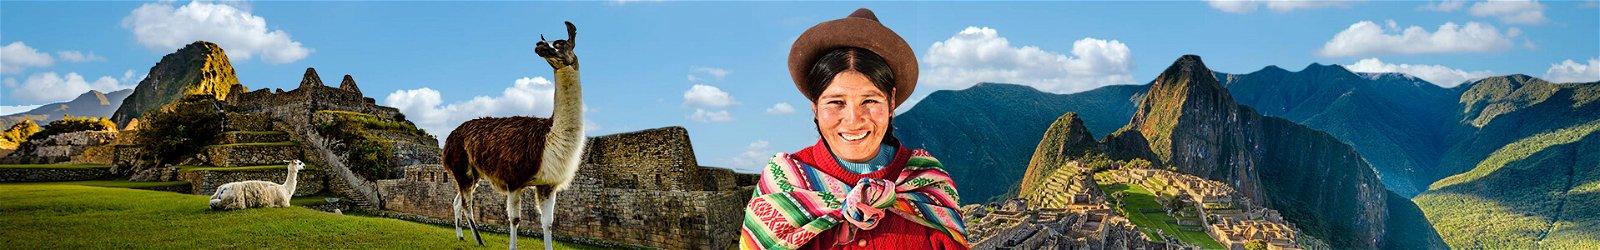 Viajes y paquetes a Machu Picchu con salidas en Junio desde México 2020